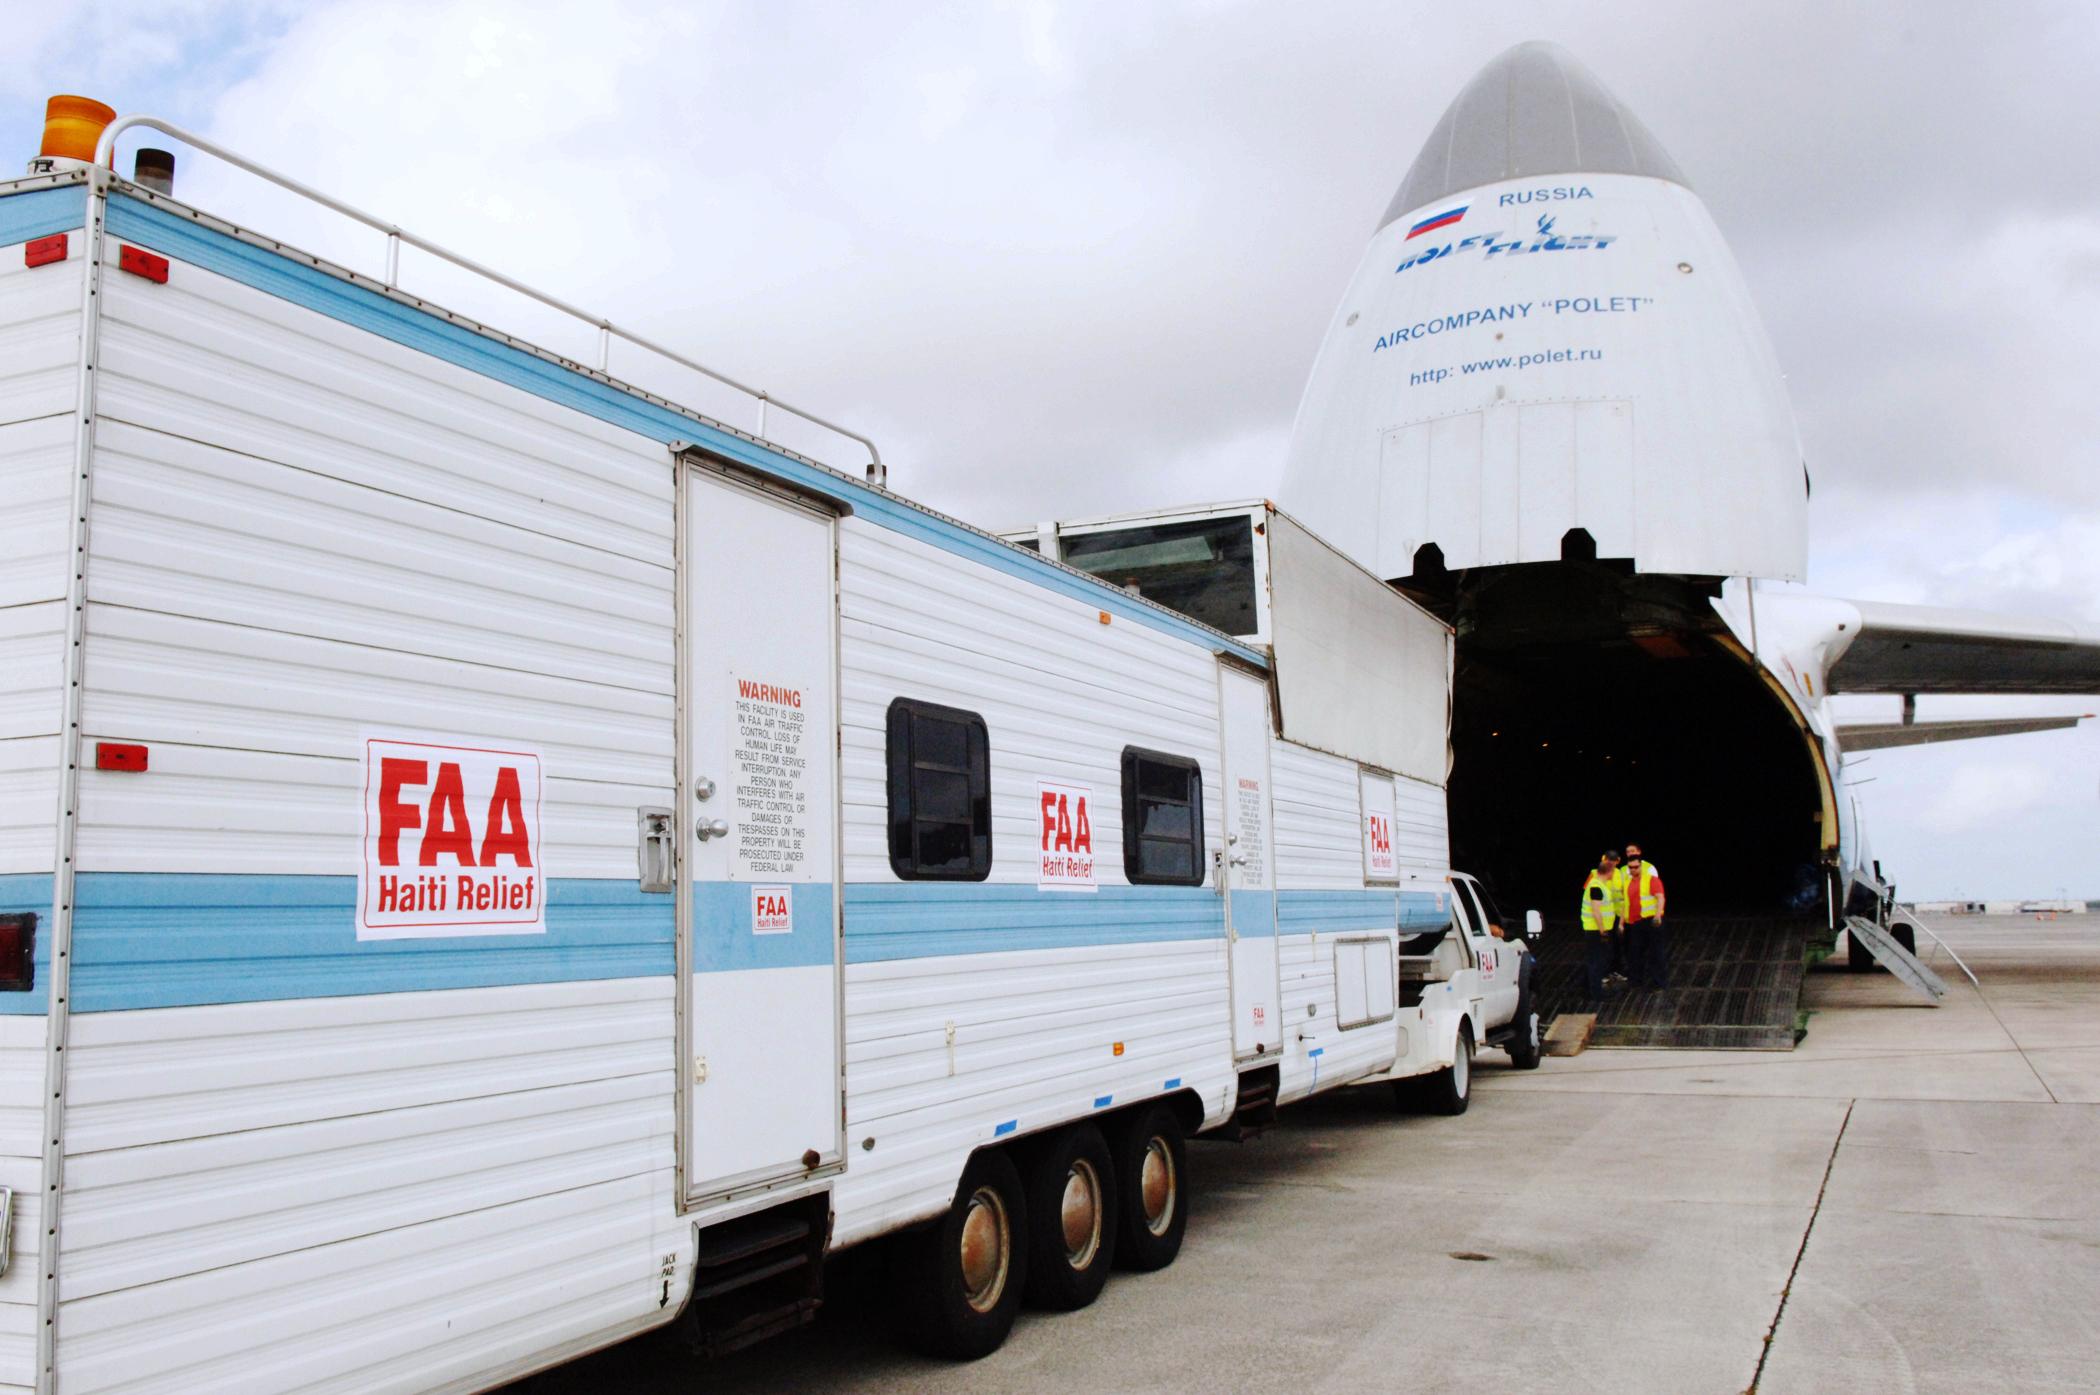 Xếp hàng lên máy bay vận chuyển đi Nga